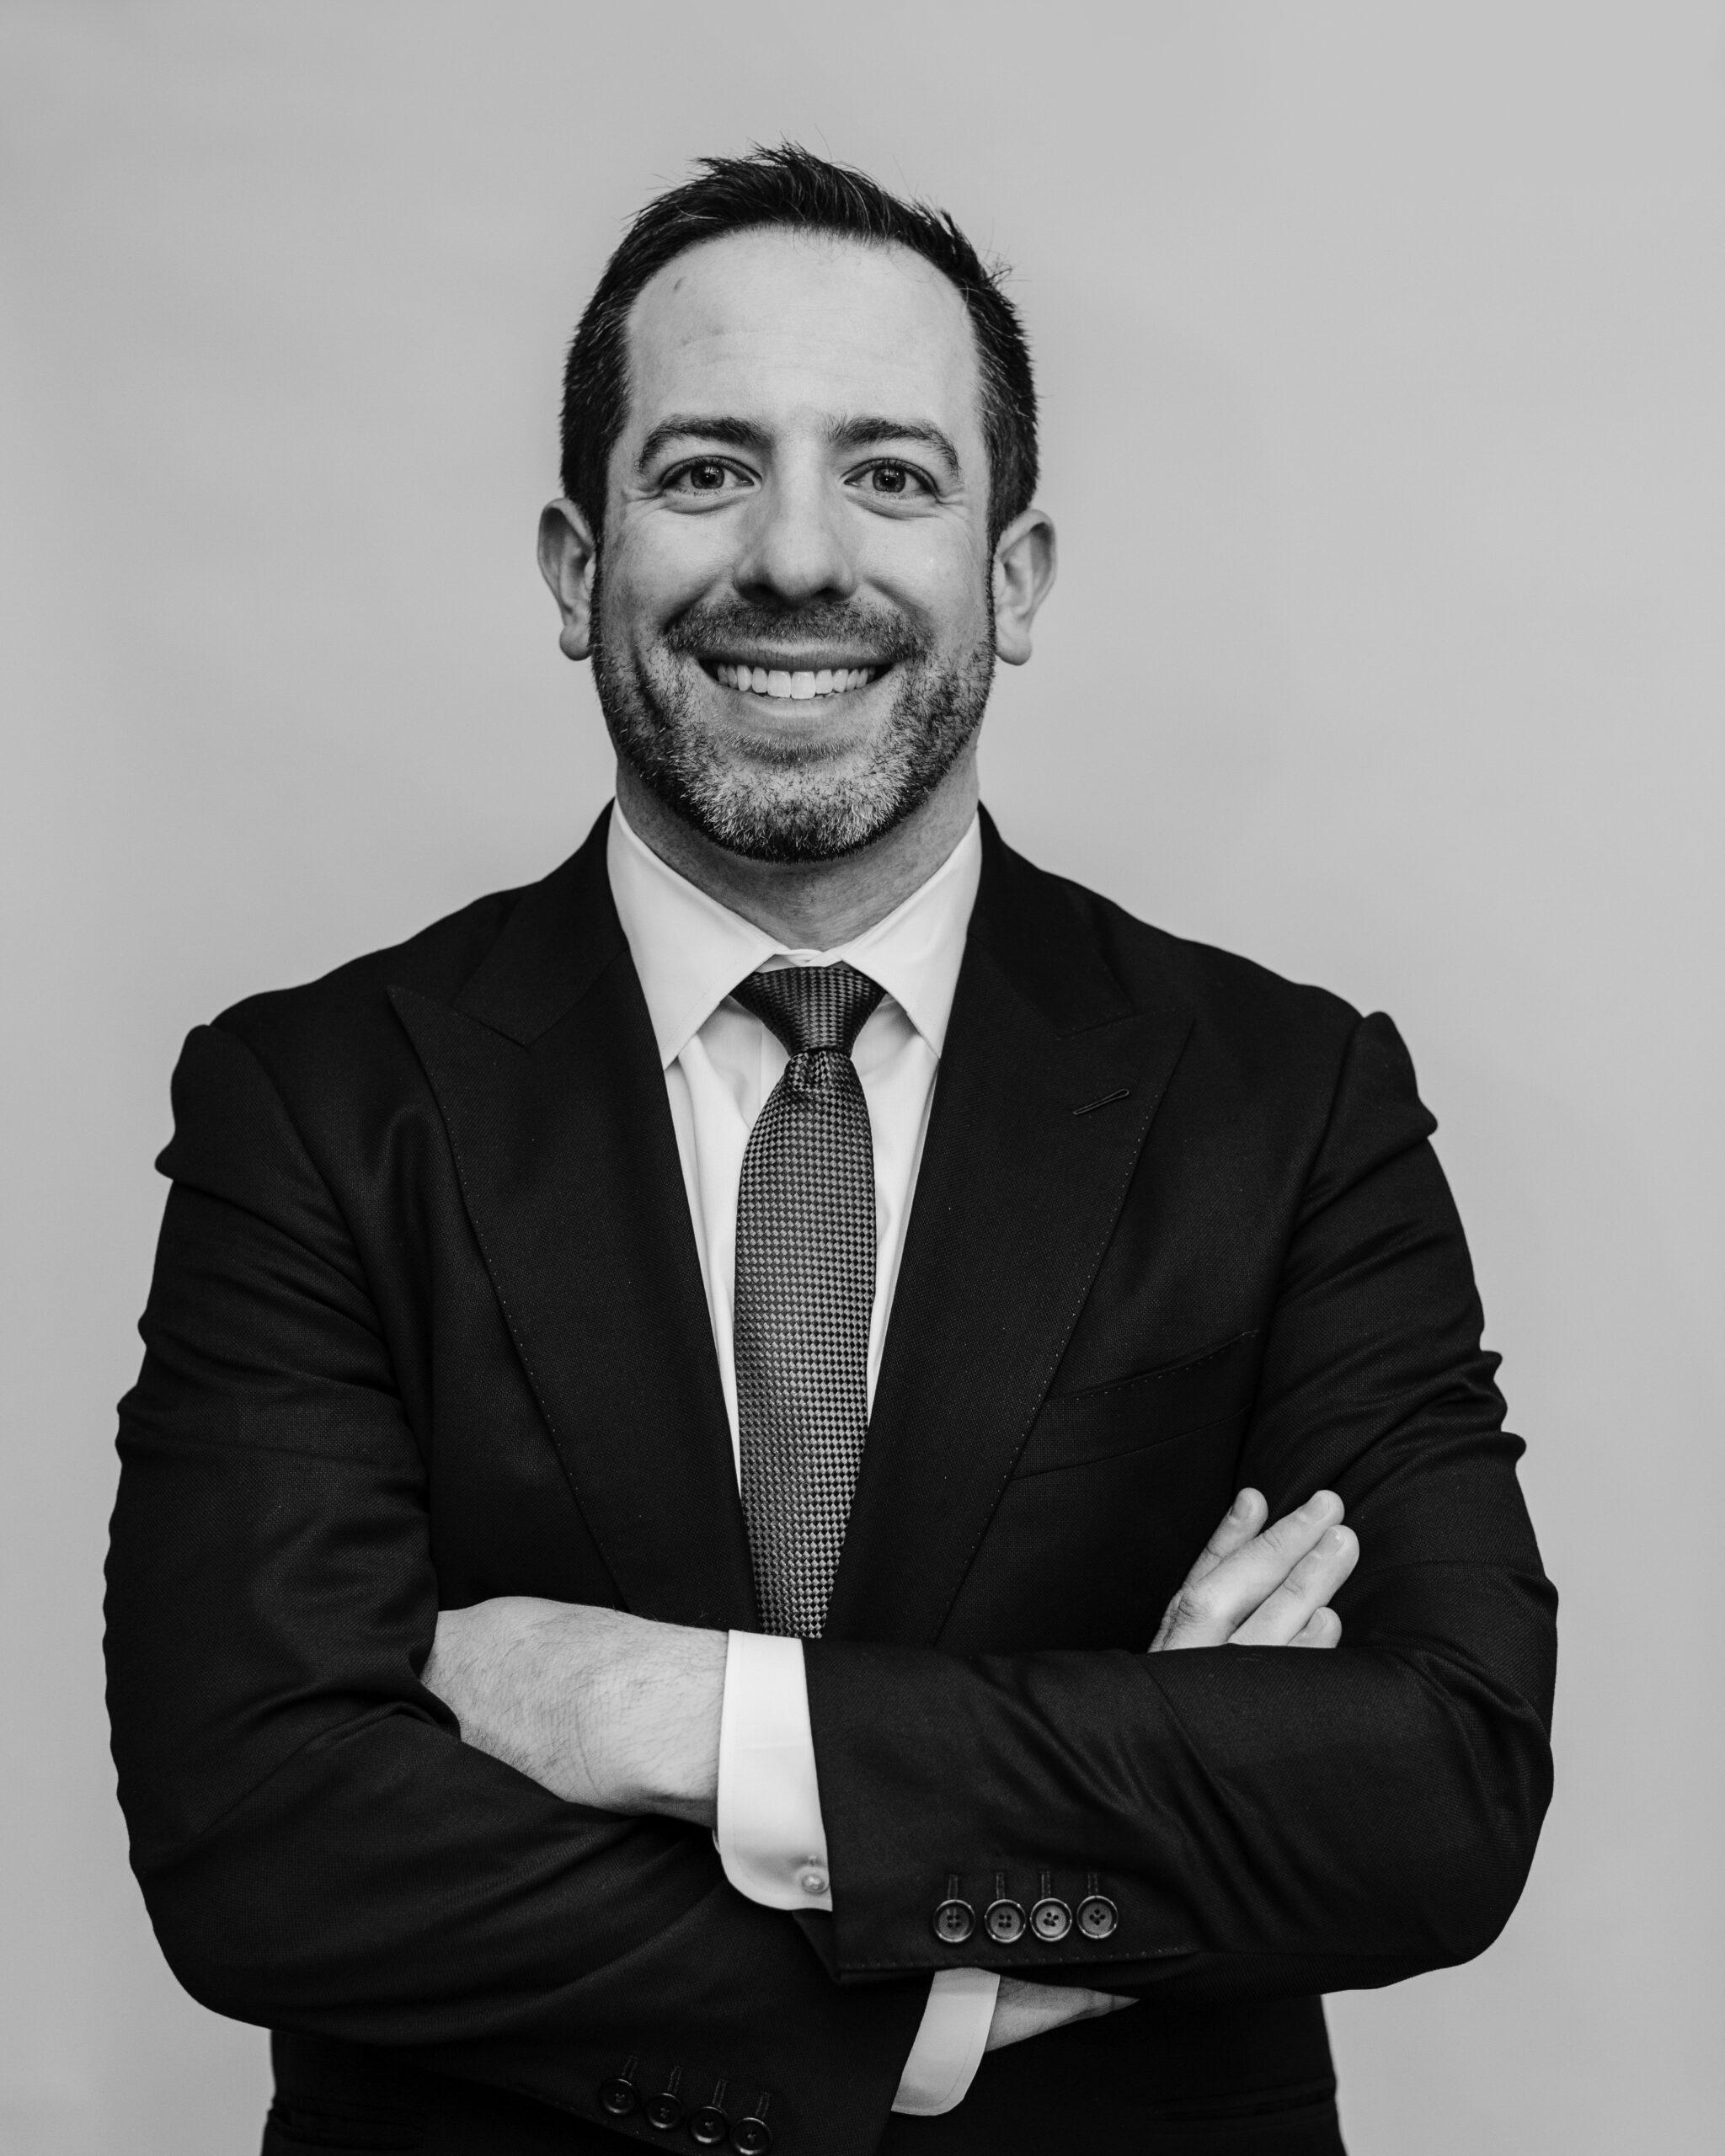 Mark Valenti, CEO